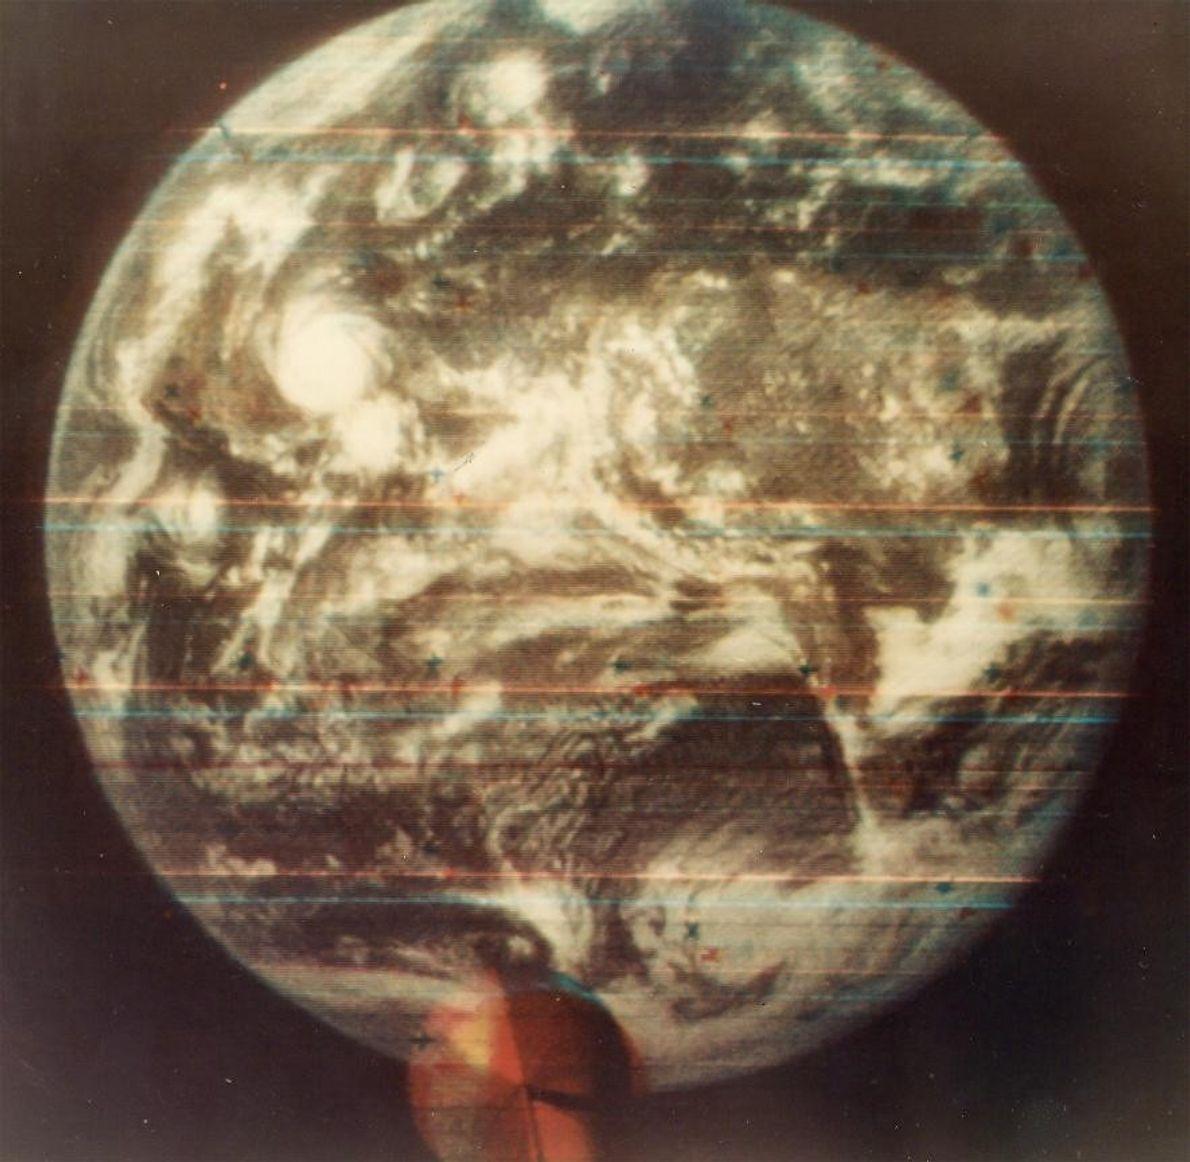 Prise en 1967, cette image est la première photo en couleurs de la Terre vue depuis ...